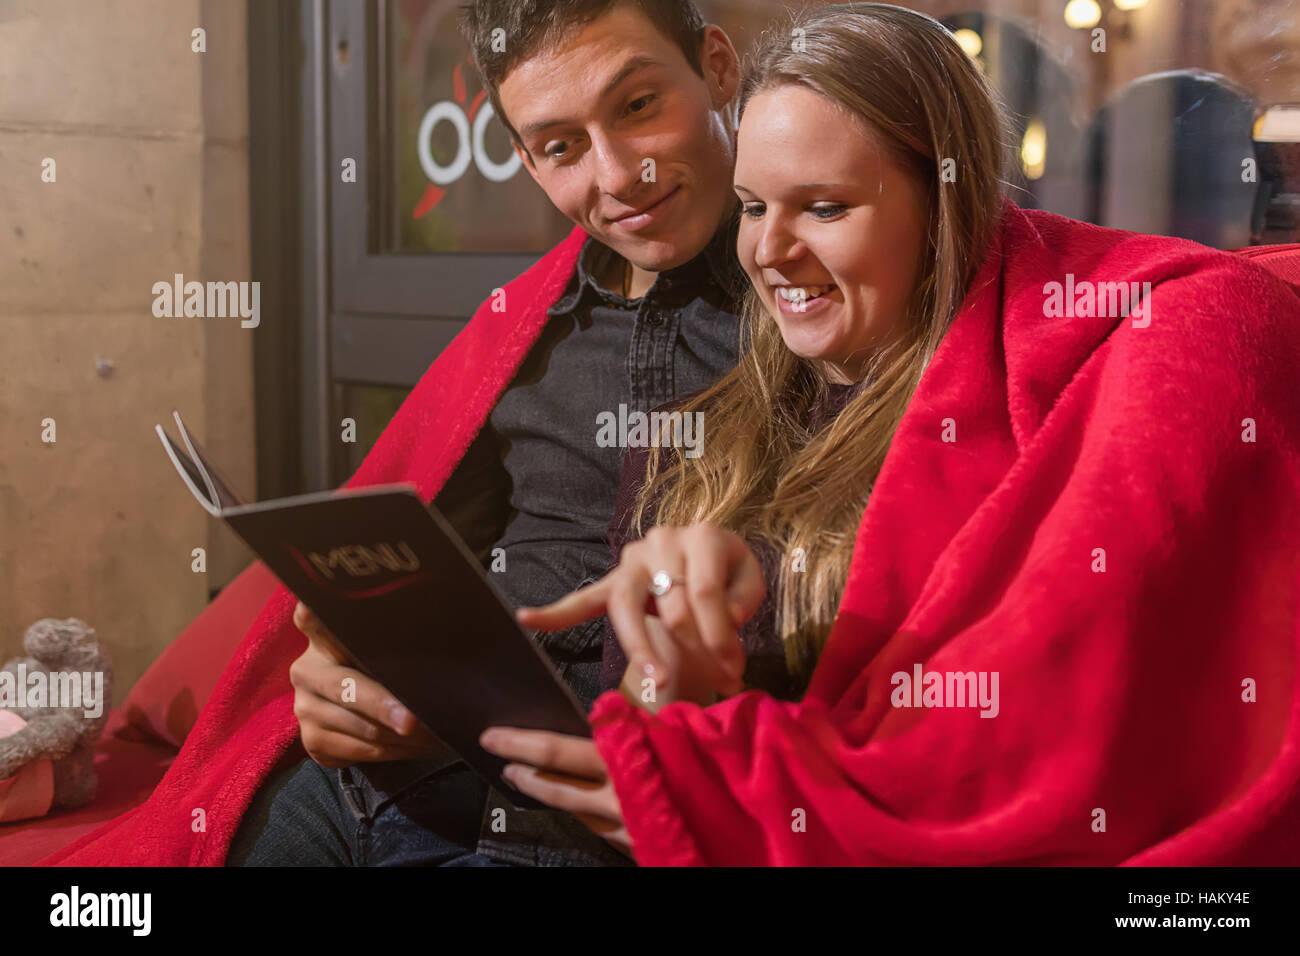 Coppia felice con menu presso il ristorante terrazza. L'amore, incontri, persone, vacanze concept Immagini Stock